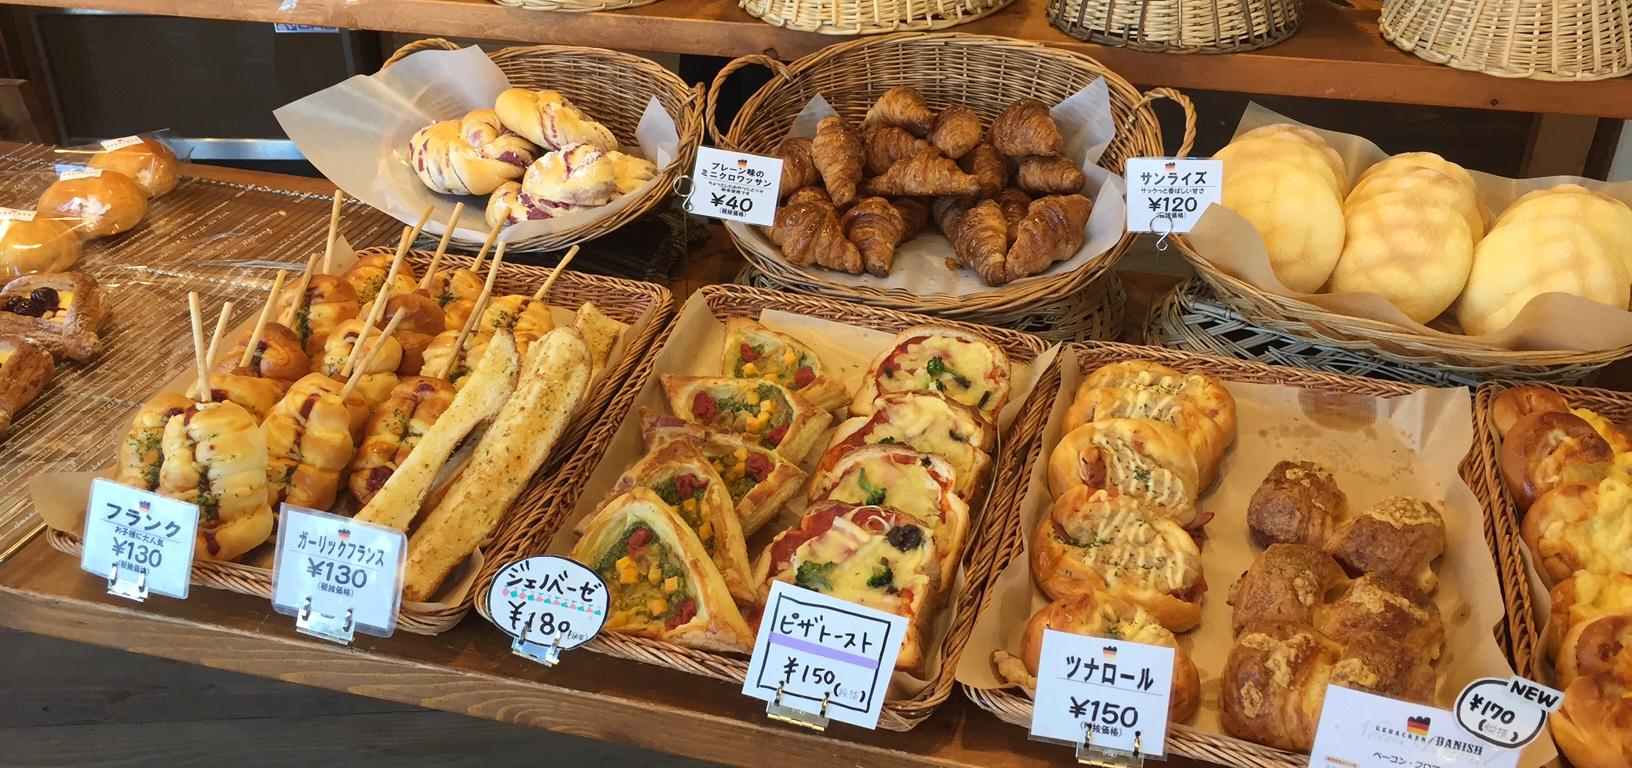 ผลการค้นหารูปภาพสำหรับ ขนมปังญี่ปุ่น